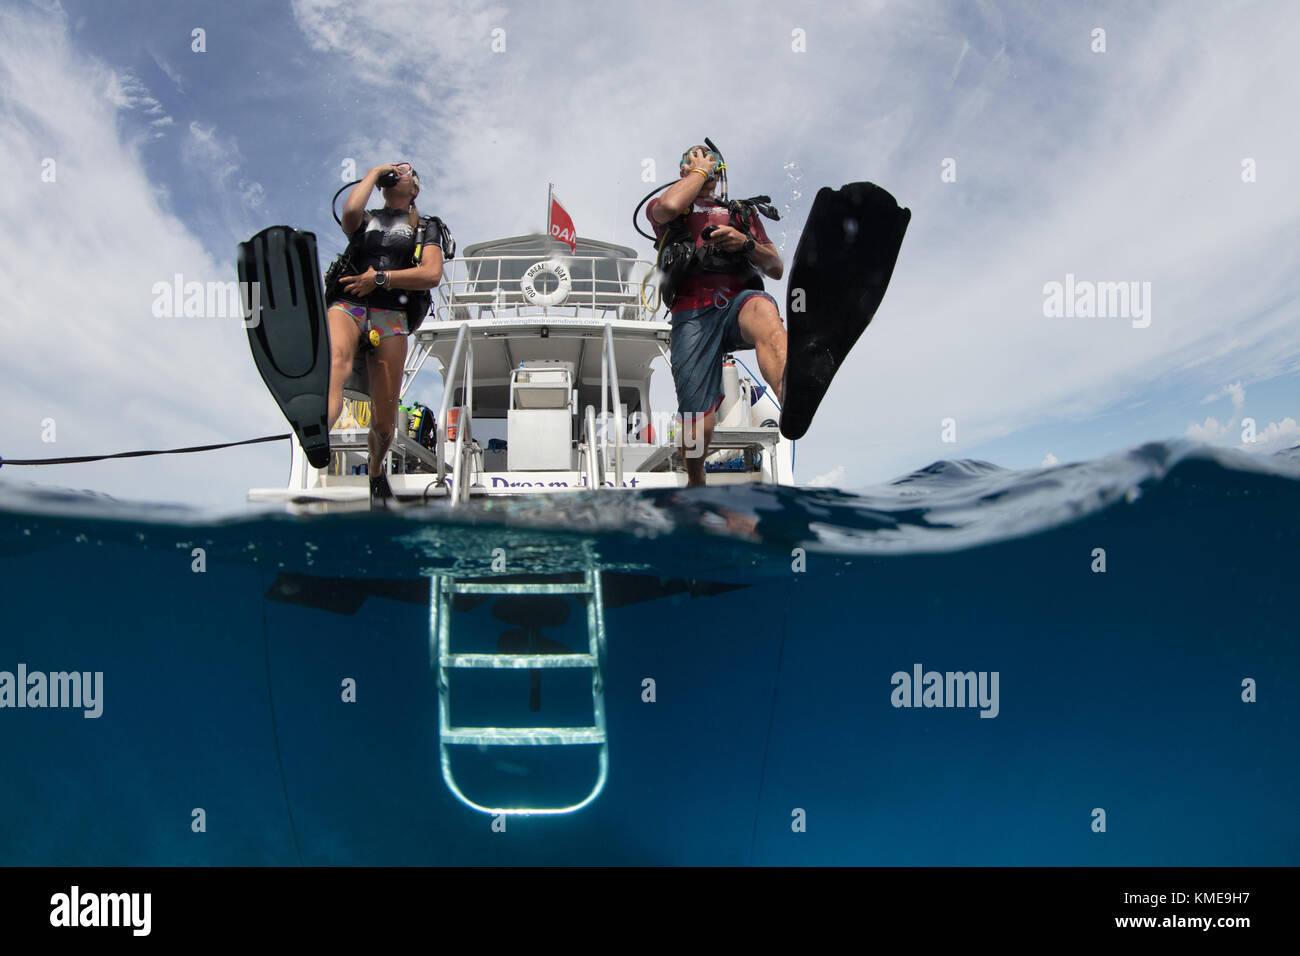 Los buzos entrar en el agua haciendo zancada gigante. Foto de stock